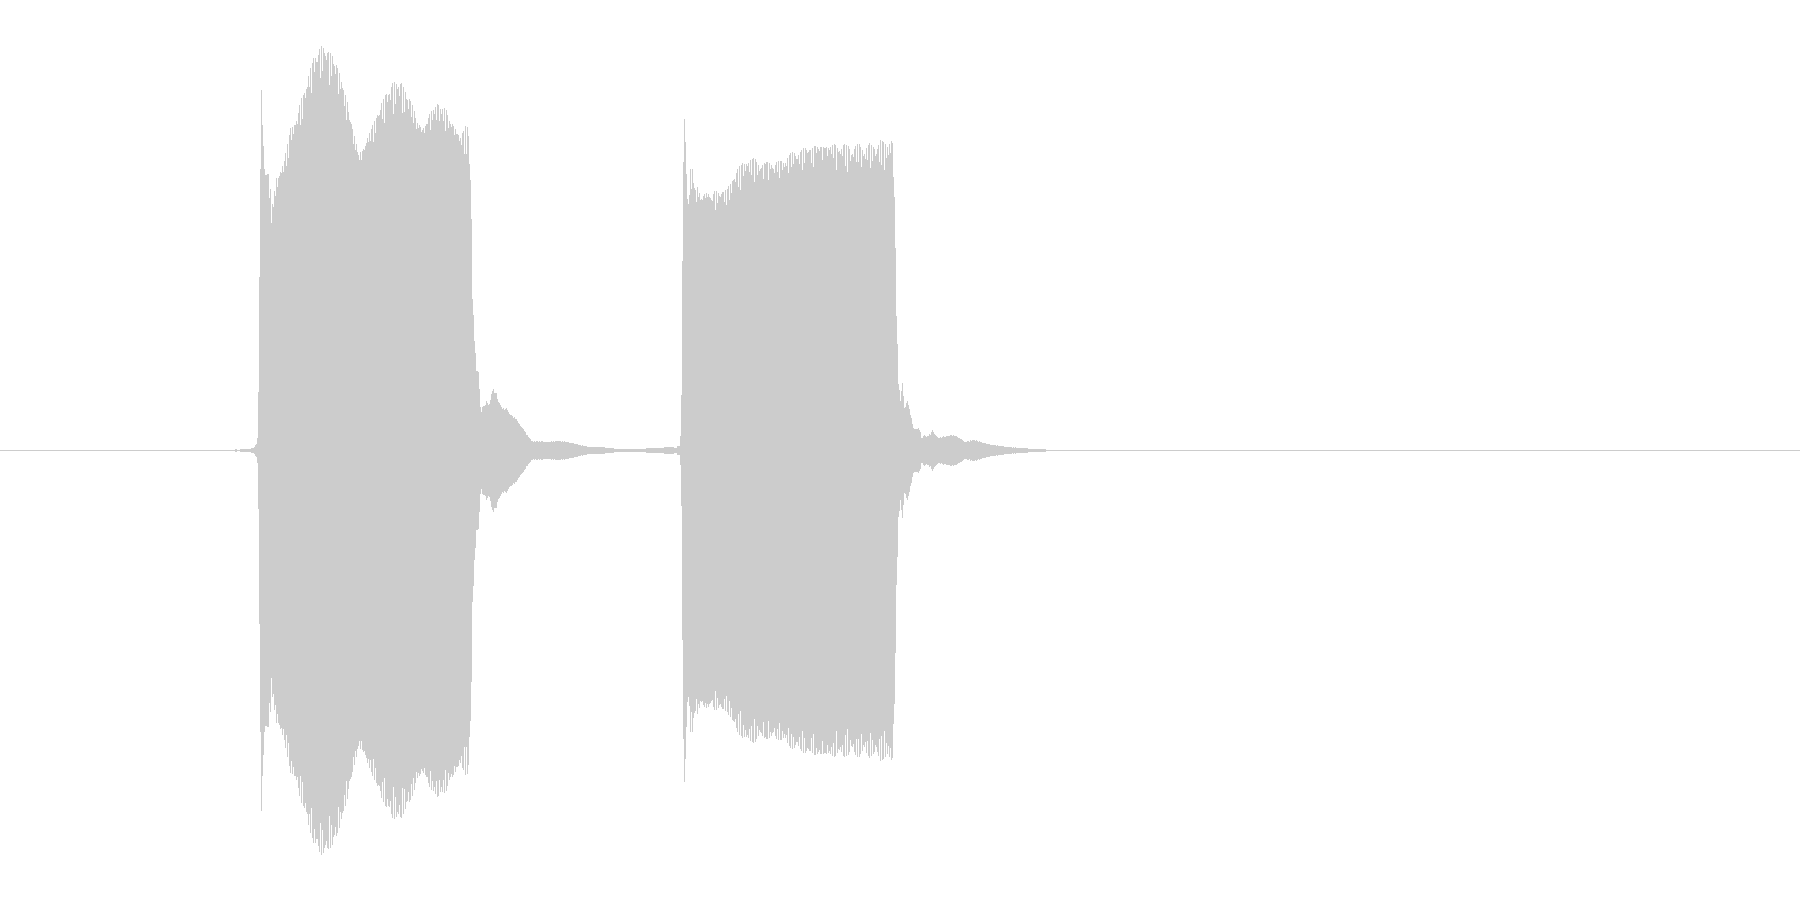 ピーピー(目覚まし時計、アラーム)の未再生の波形